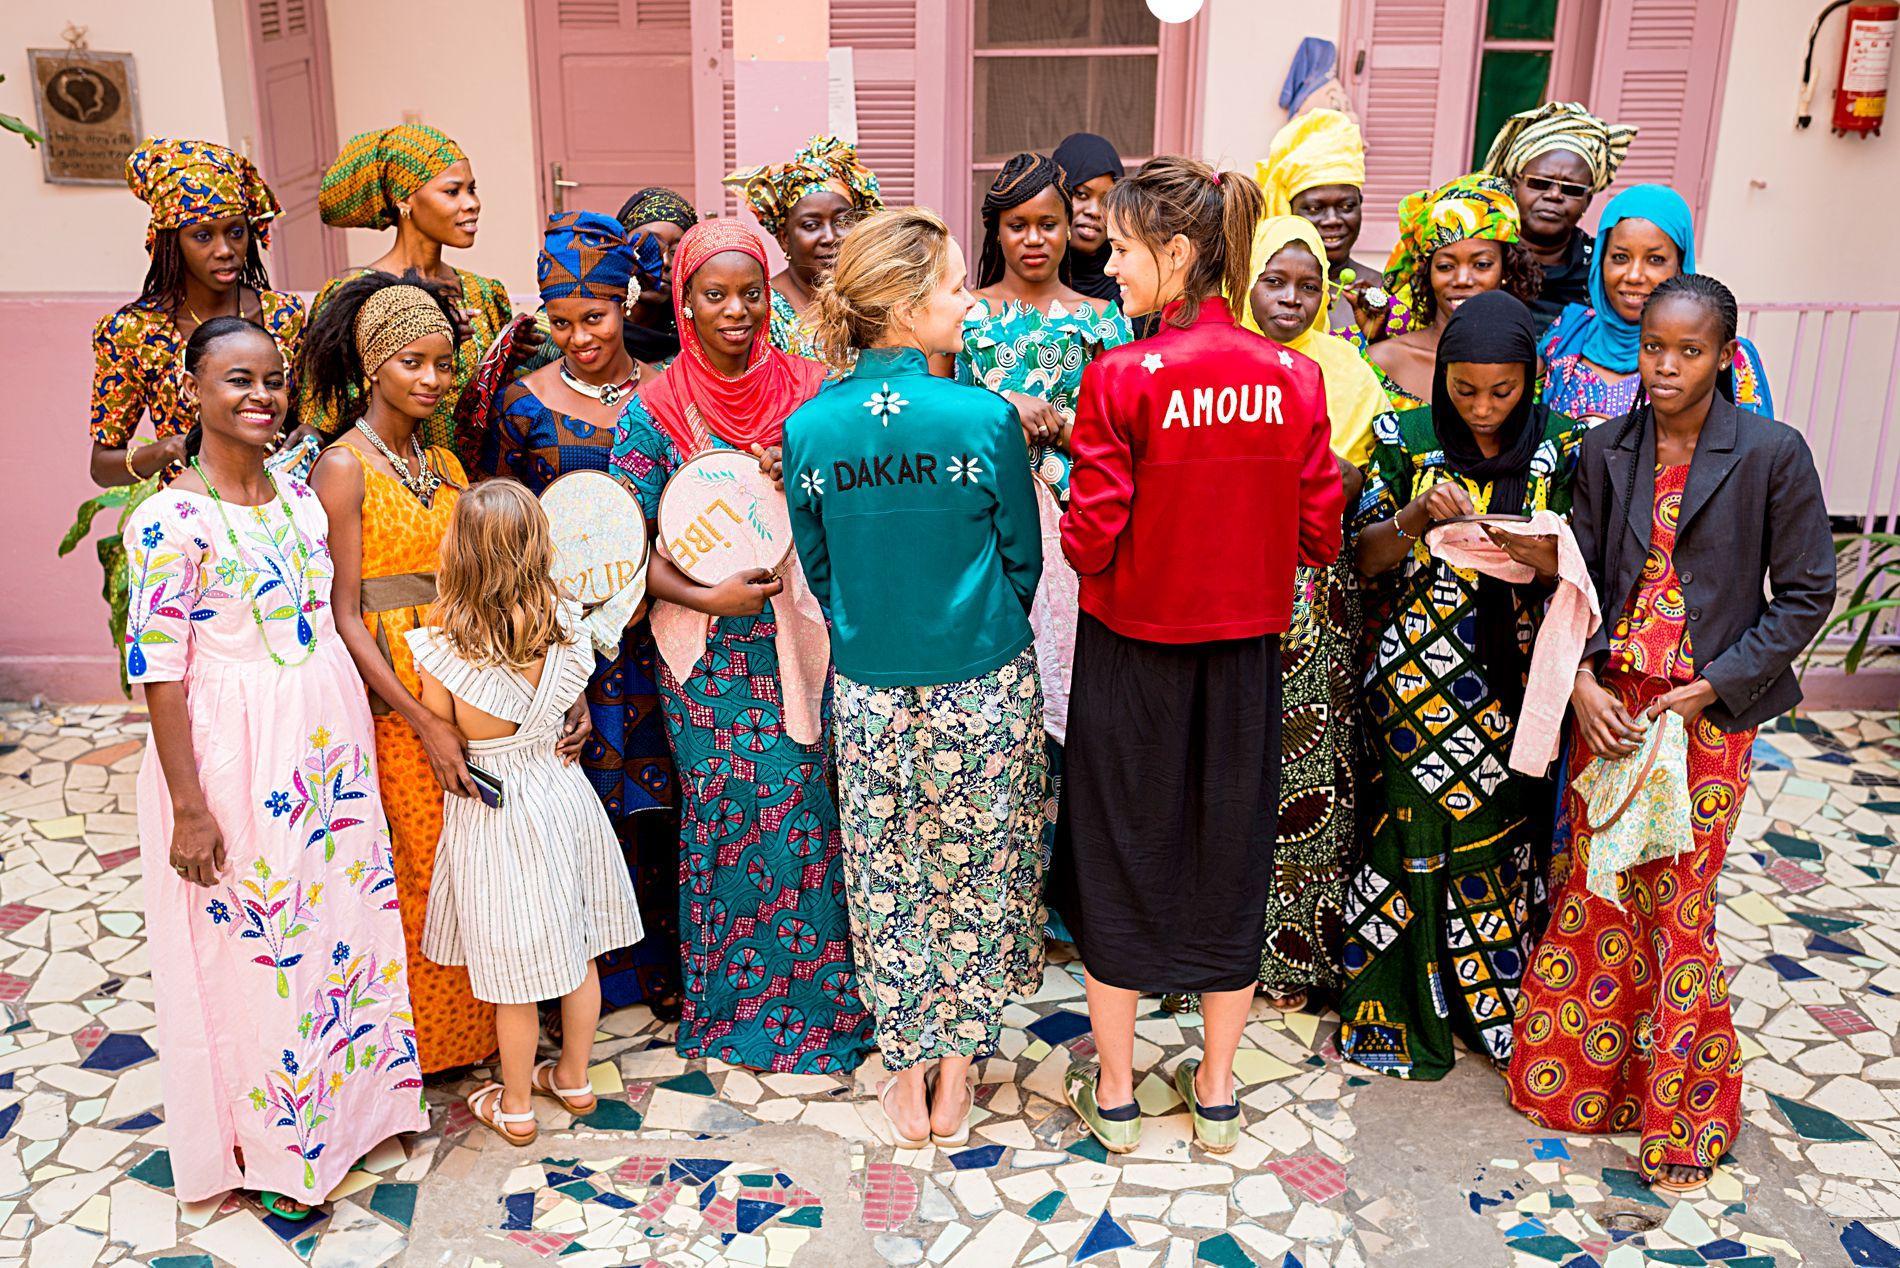 Dakar la maison rose d di e aux femmes et la r insertion madame figaro - Eugenie les bains la maison rose ...